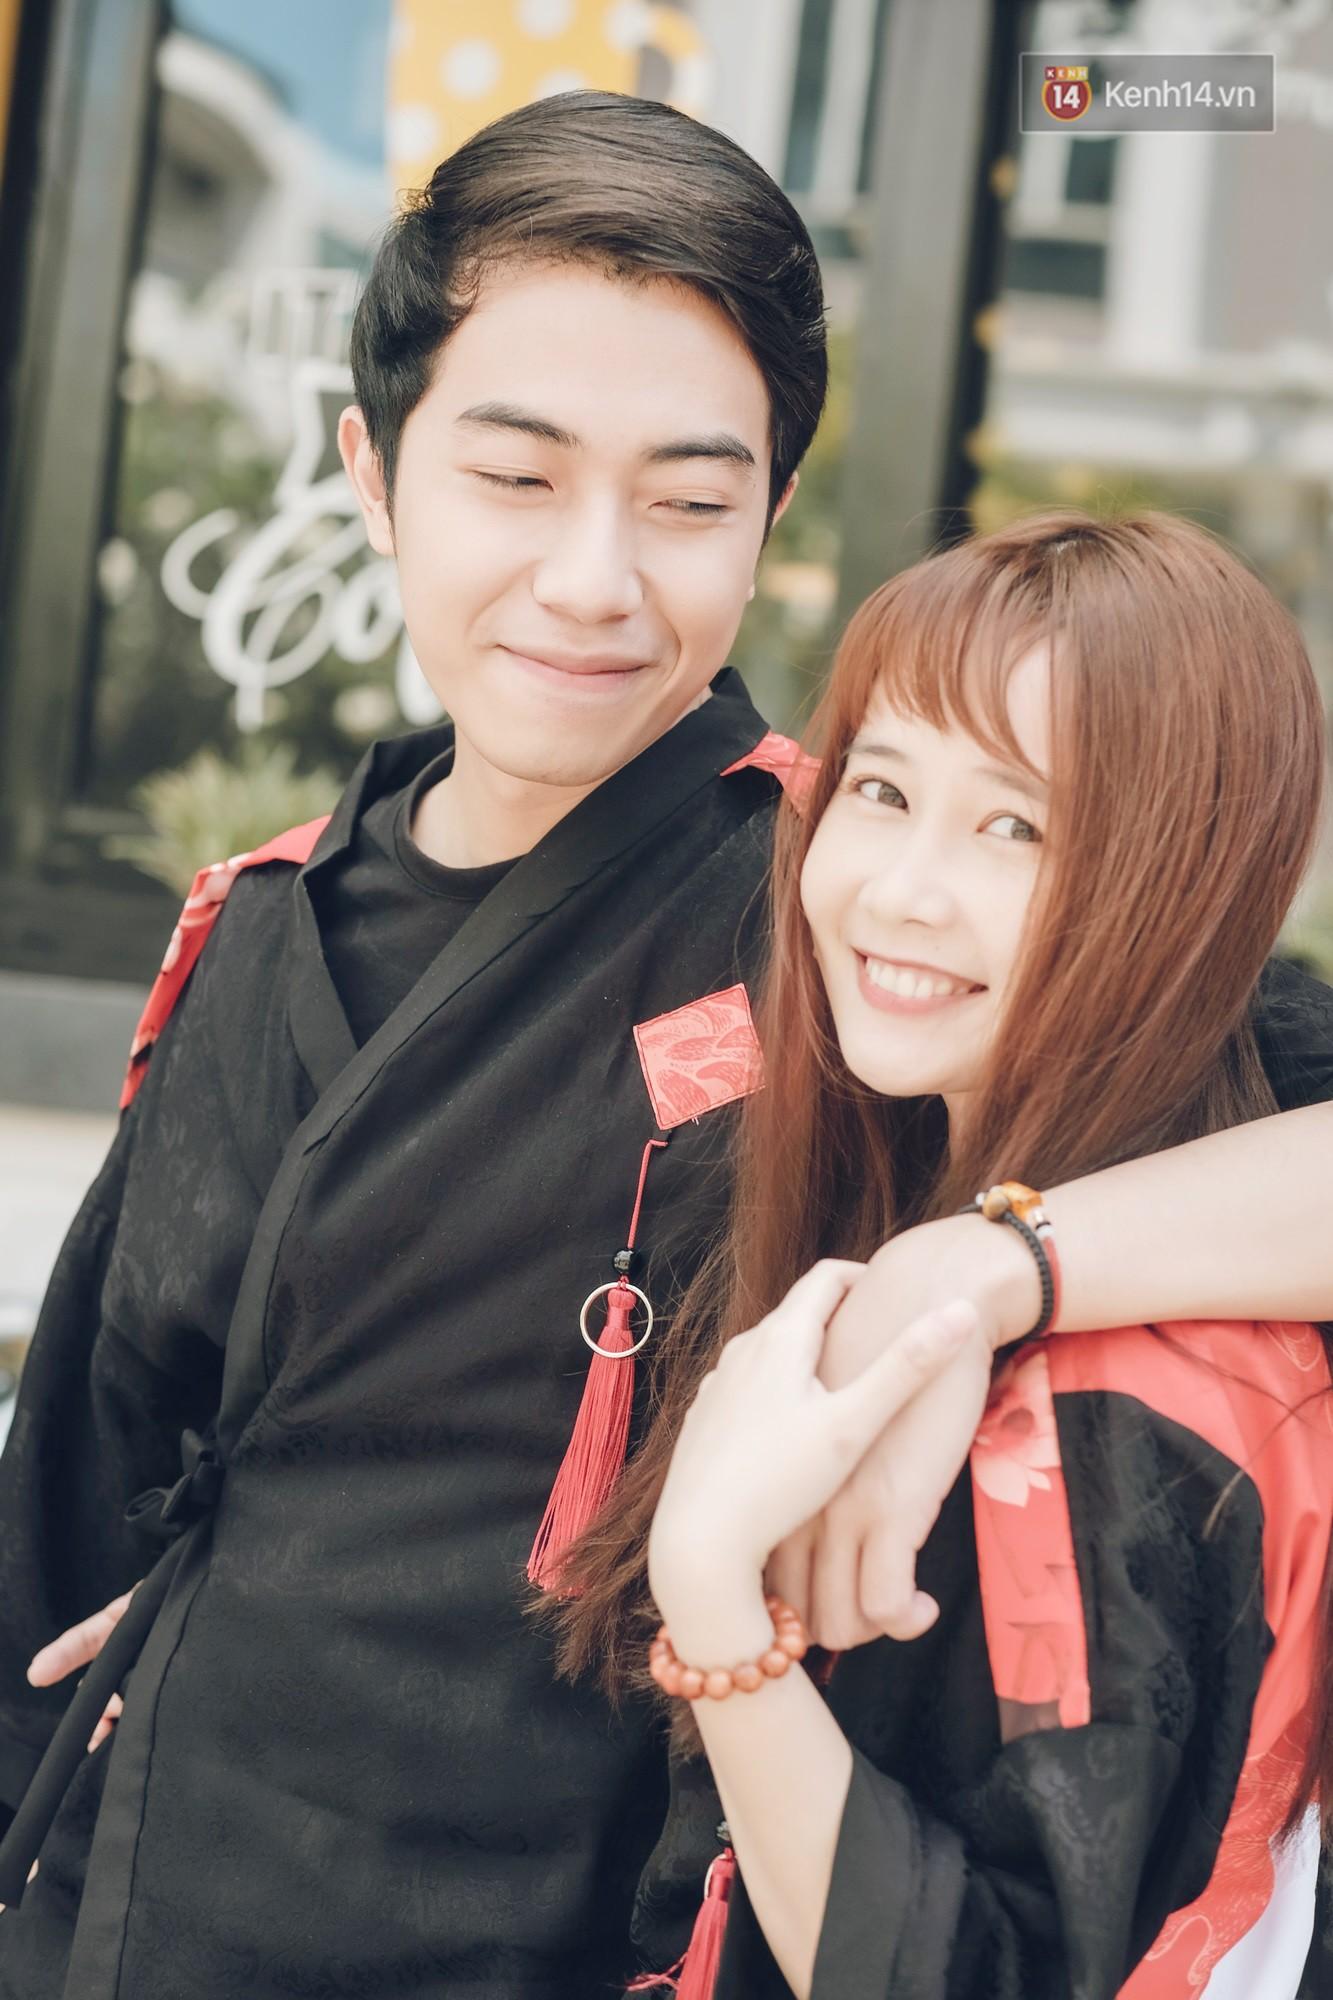 Cris Phan và hot girl FAPtv Mai Quỳnh Anh: Chuyện tình của chàng phi công nhút nhát và nàng không ngại cọc đi tìm trâu - Ảnh 12.